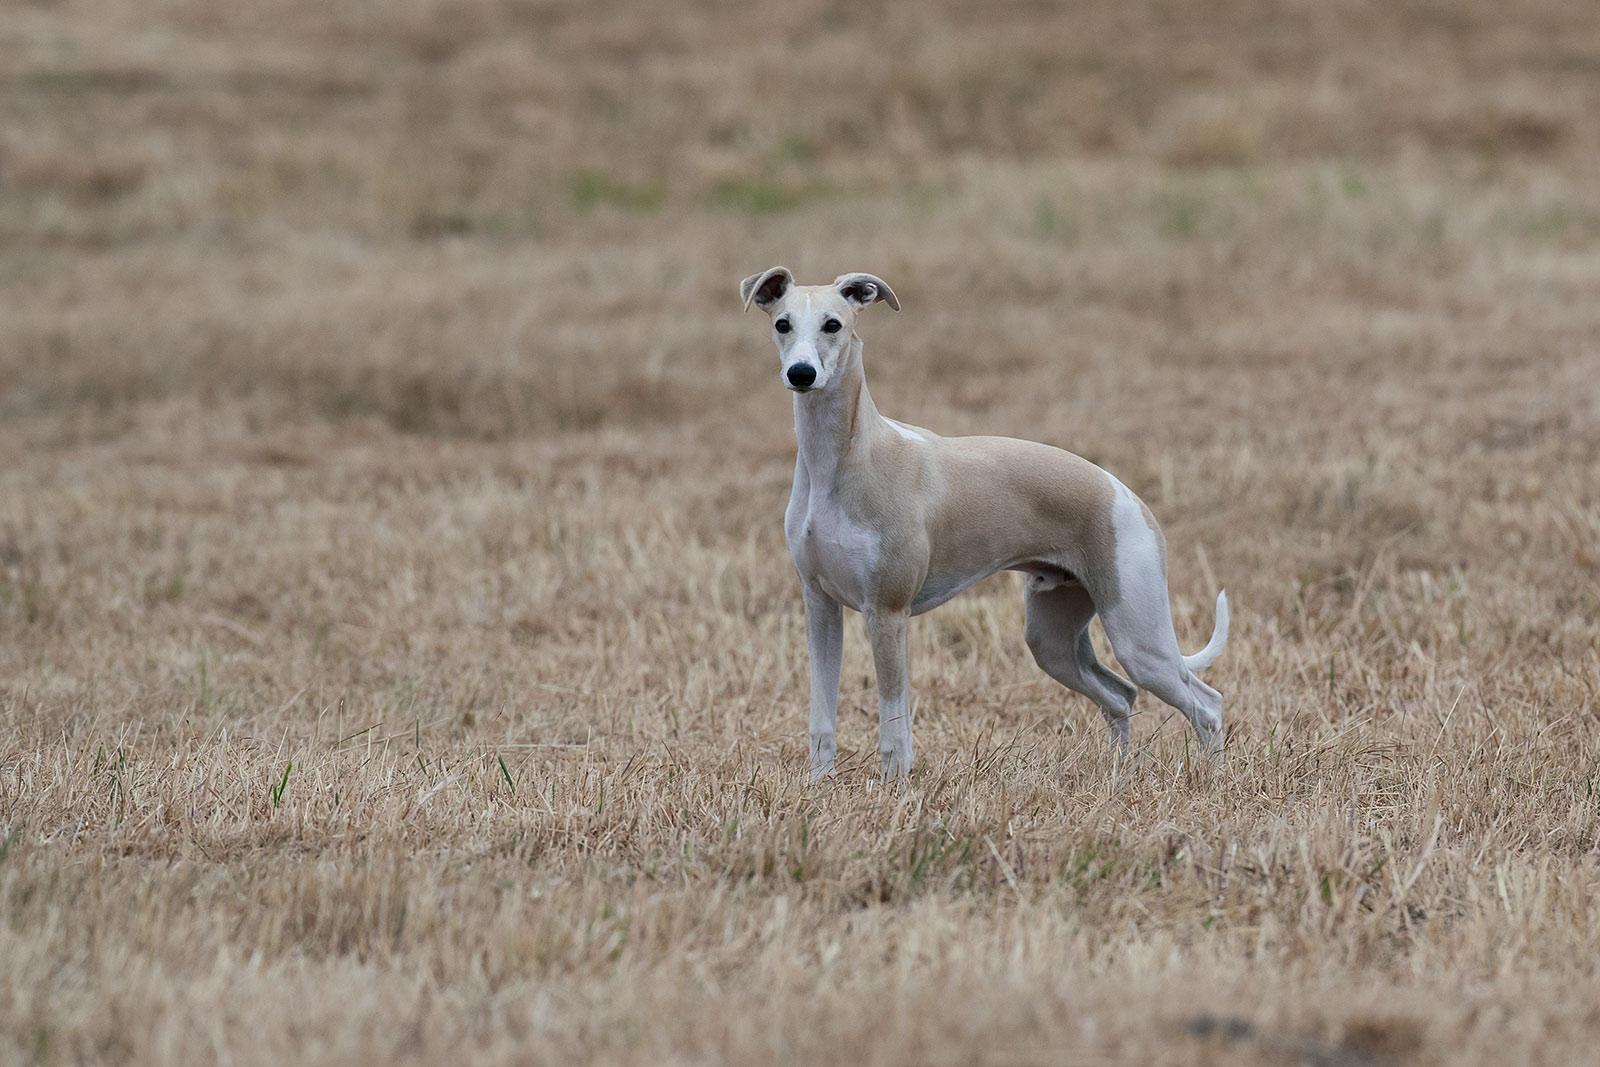 Hupsi steht mehr rum, als dass er läuft. Das ist auch sehr ungewöhnlich.